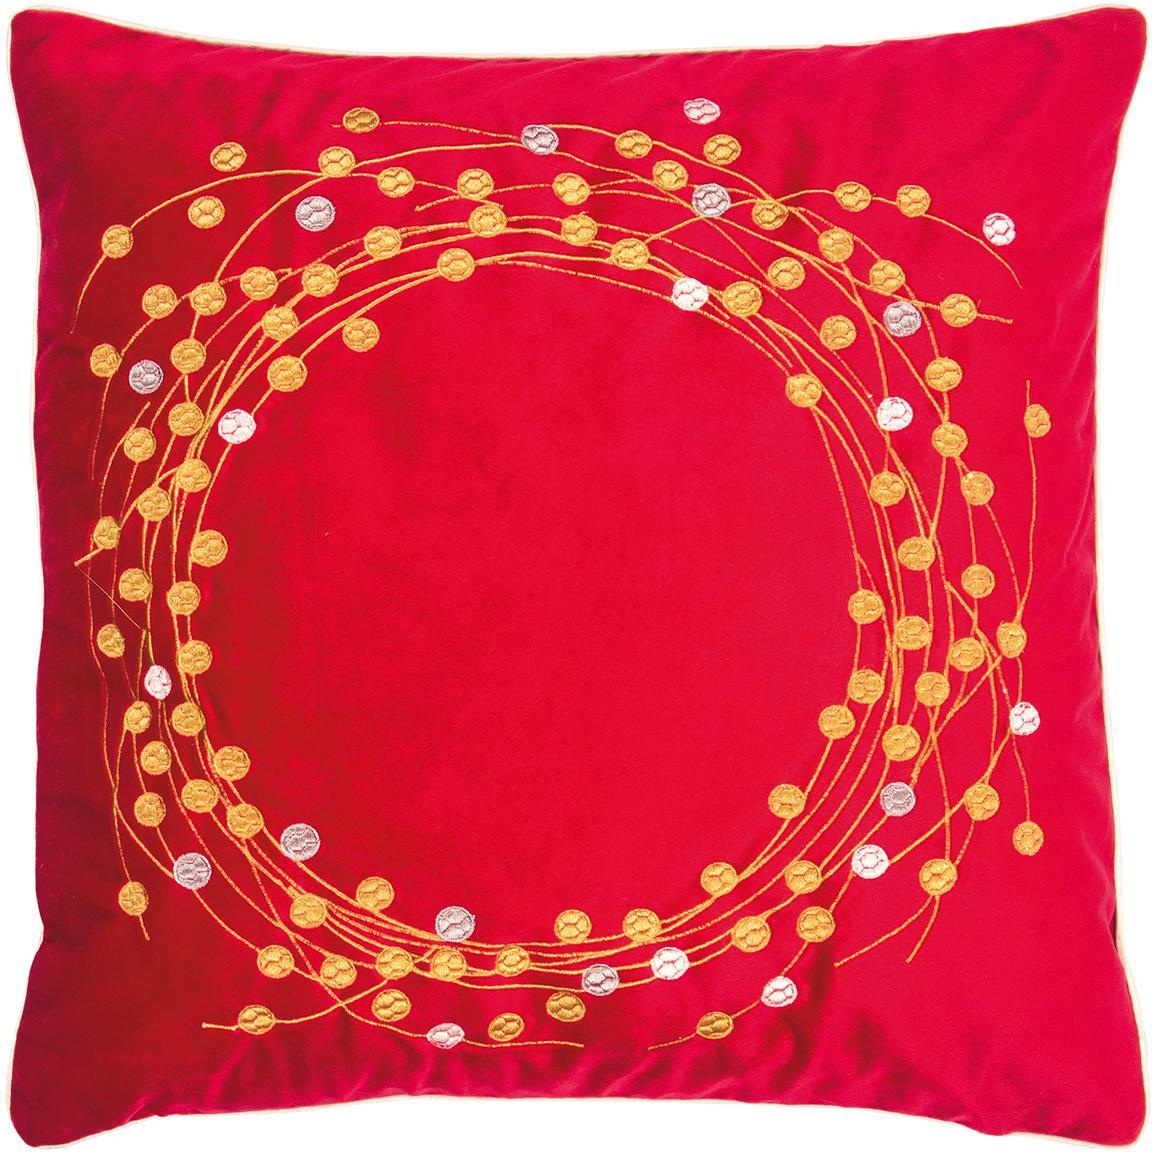 Federa arredo in velluto Circle, Velluto di poliestere, Rosso, dorato, Larg. 45 x Lung. 45 cm